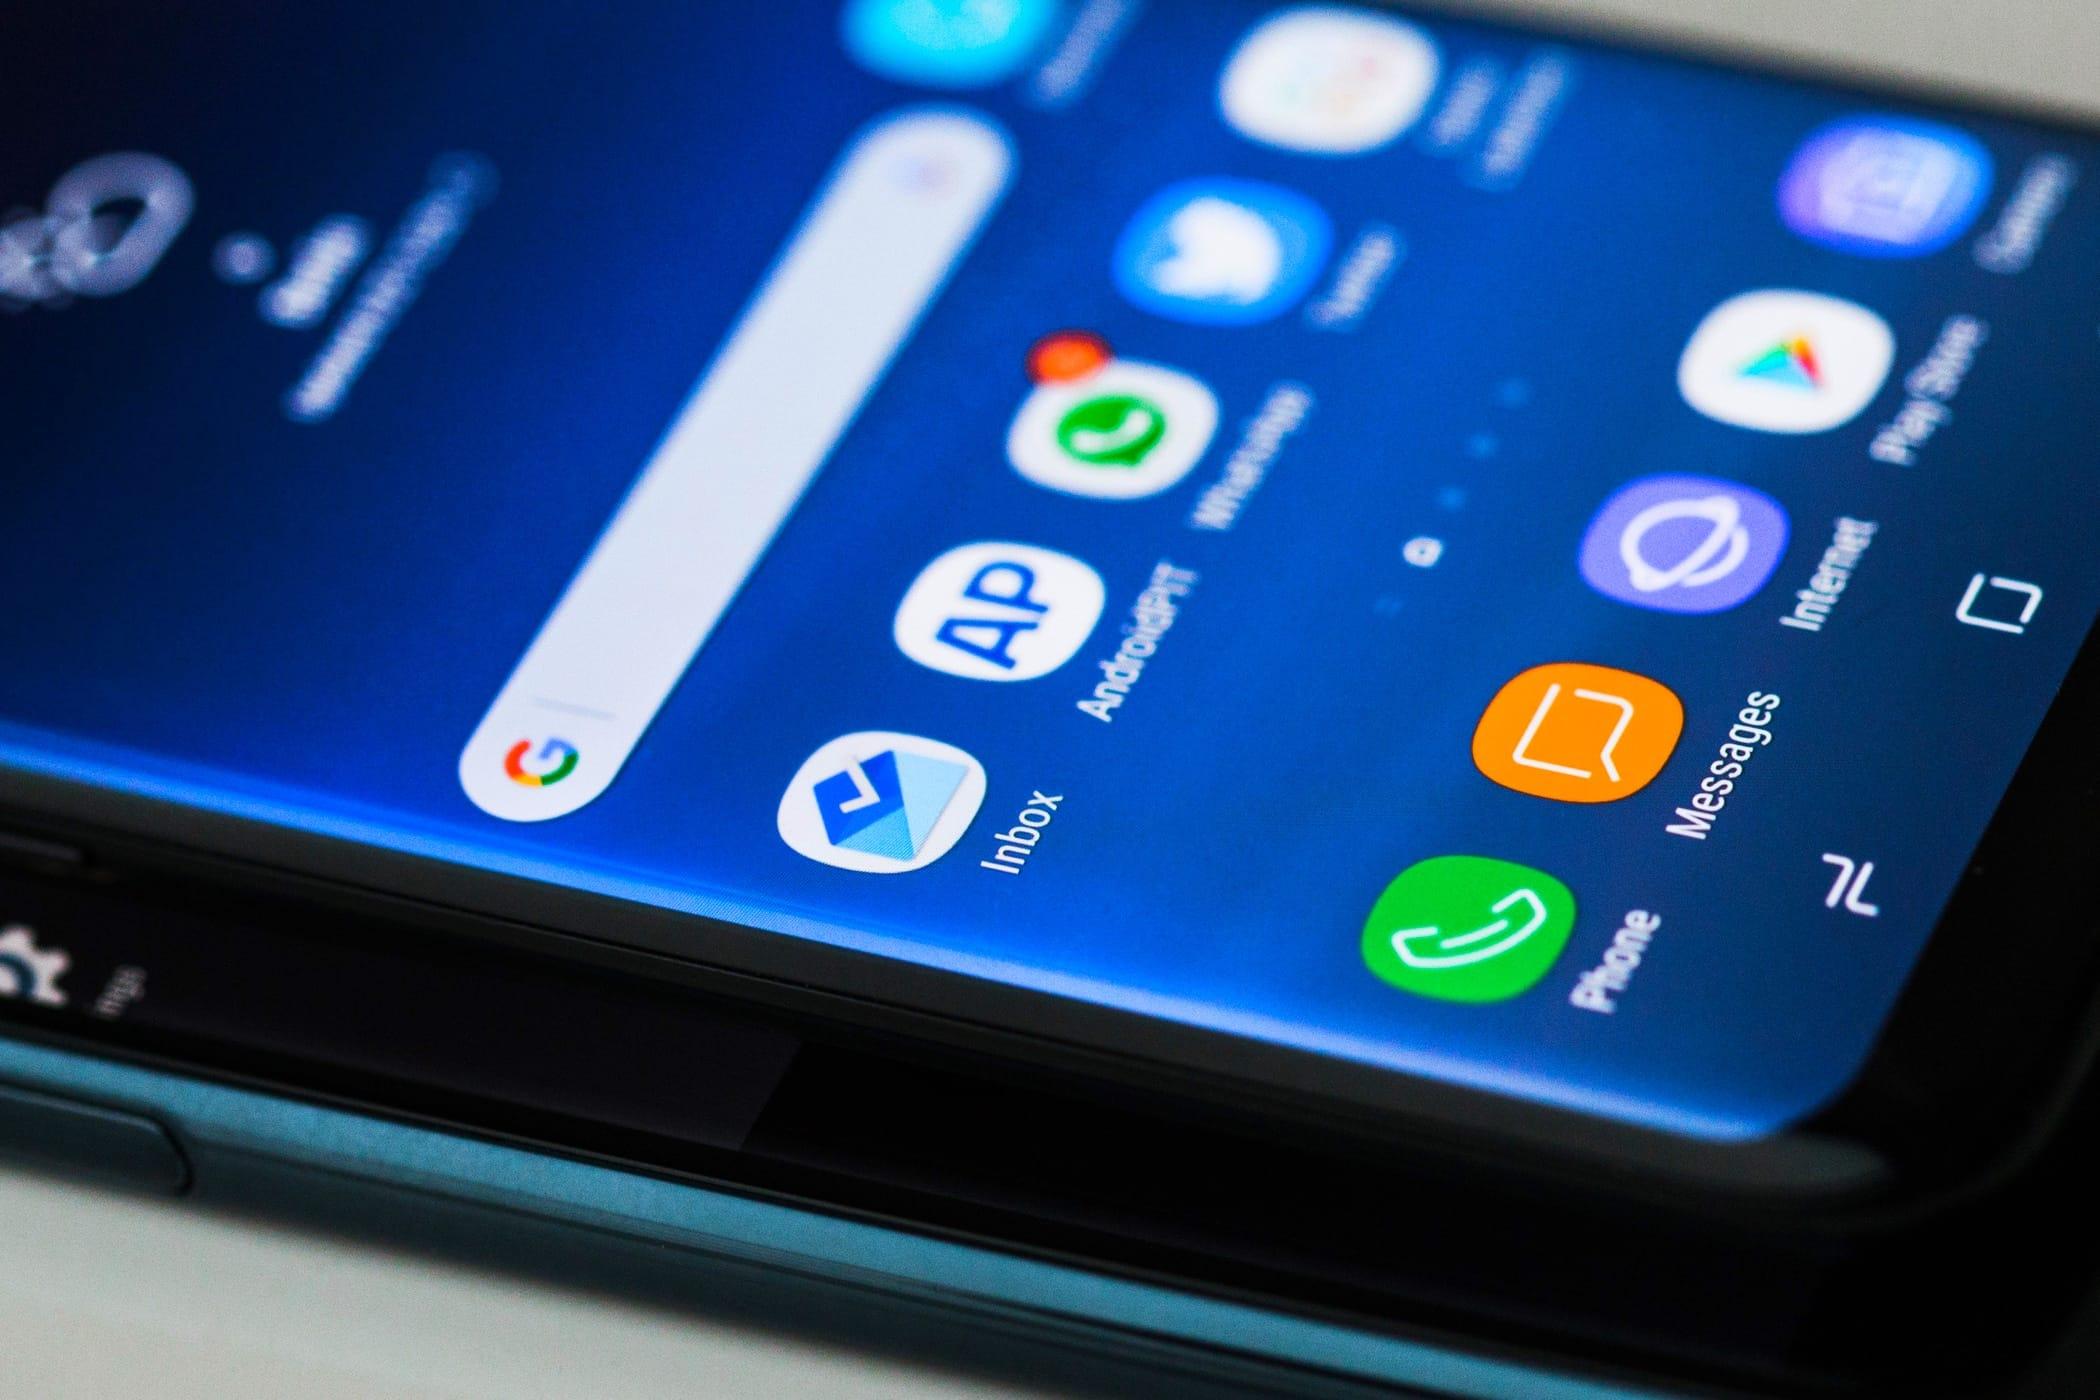 В Российской Федерации обрушились цены на мобильные телефоны Самсунг Galaxy A7